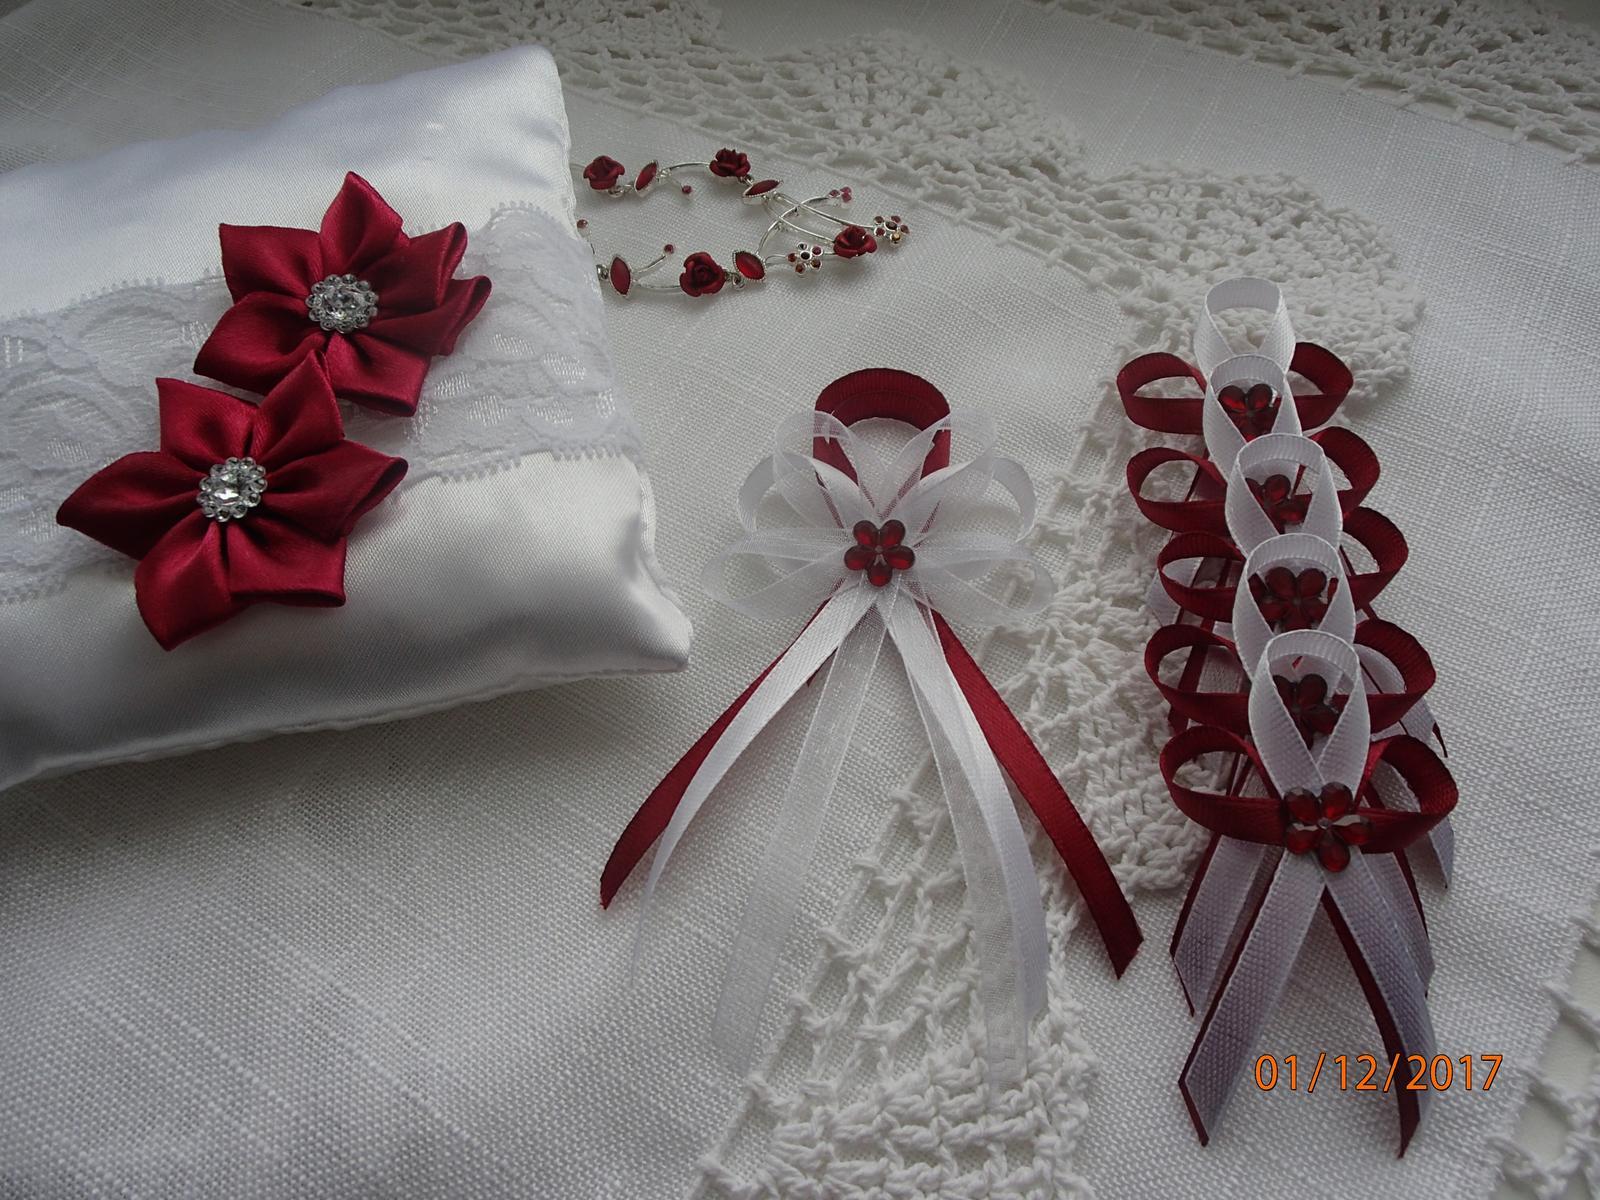 Svatební vývazky, podvazky, polštářky pod prstýnky, náramky.. - Obrázek č. 21